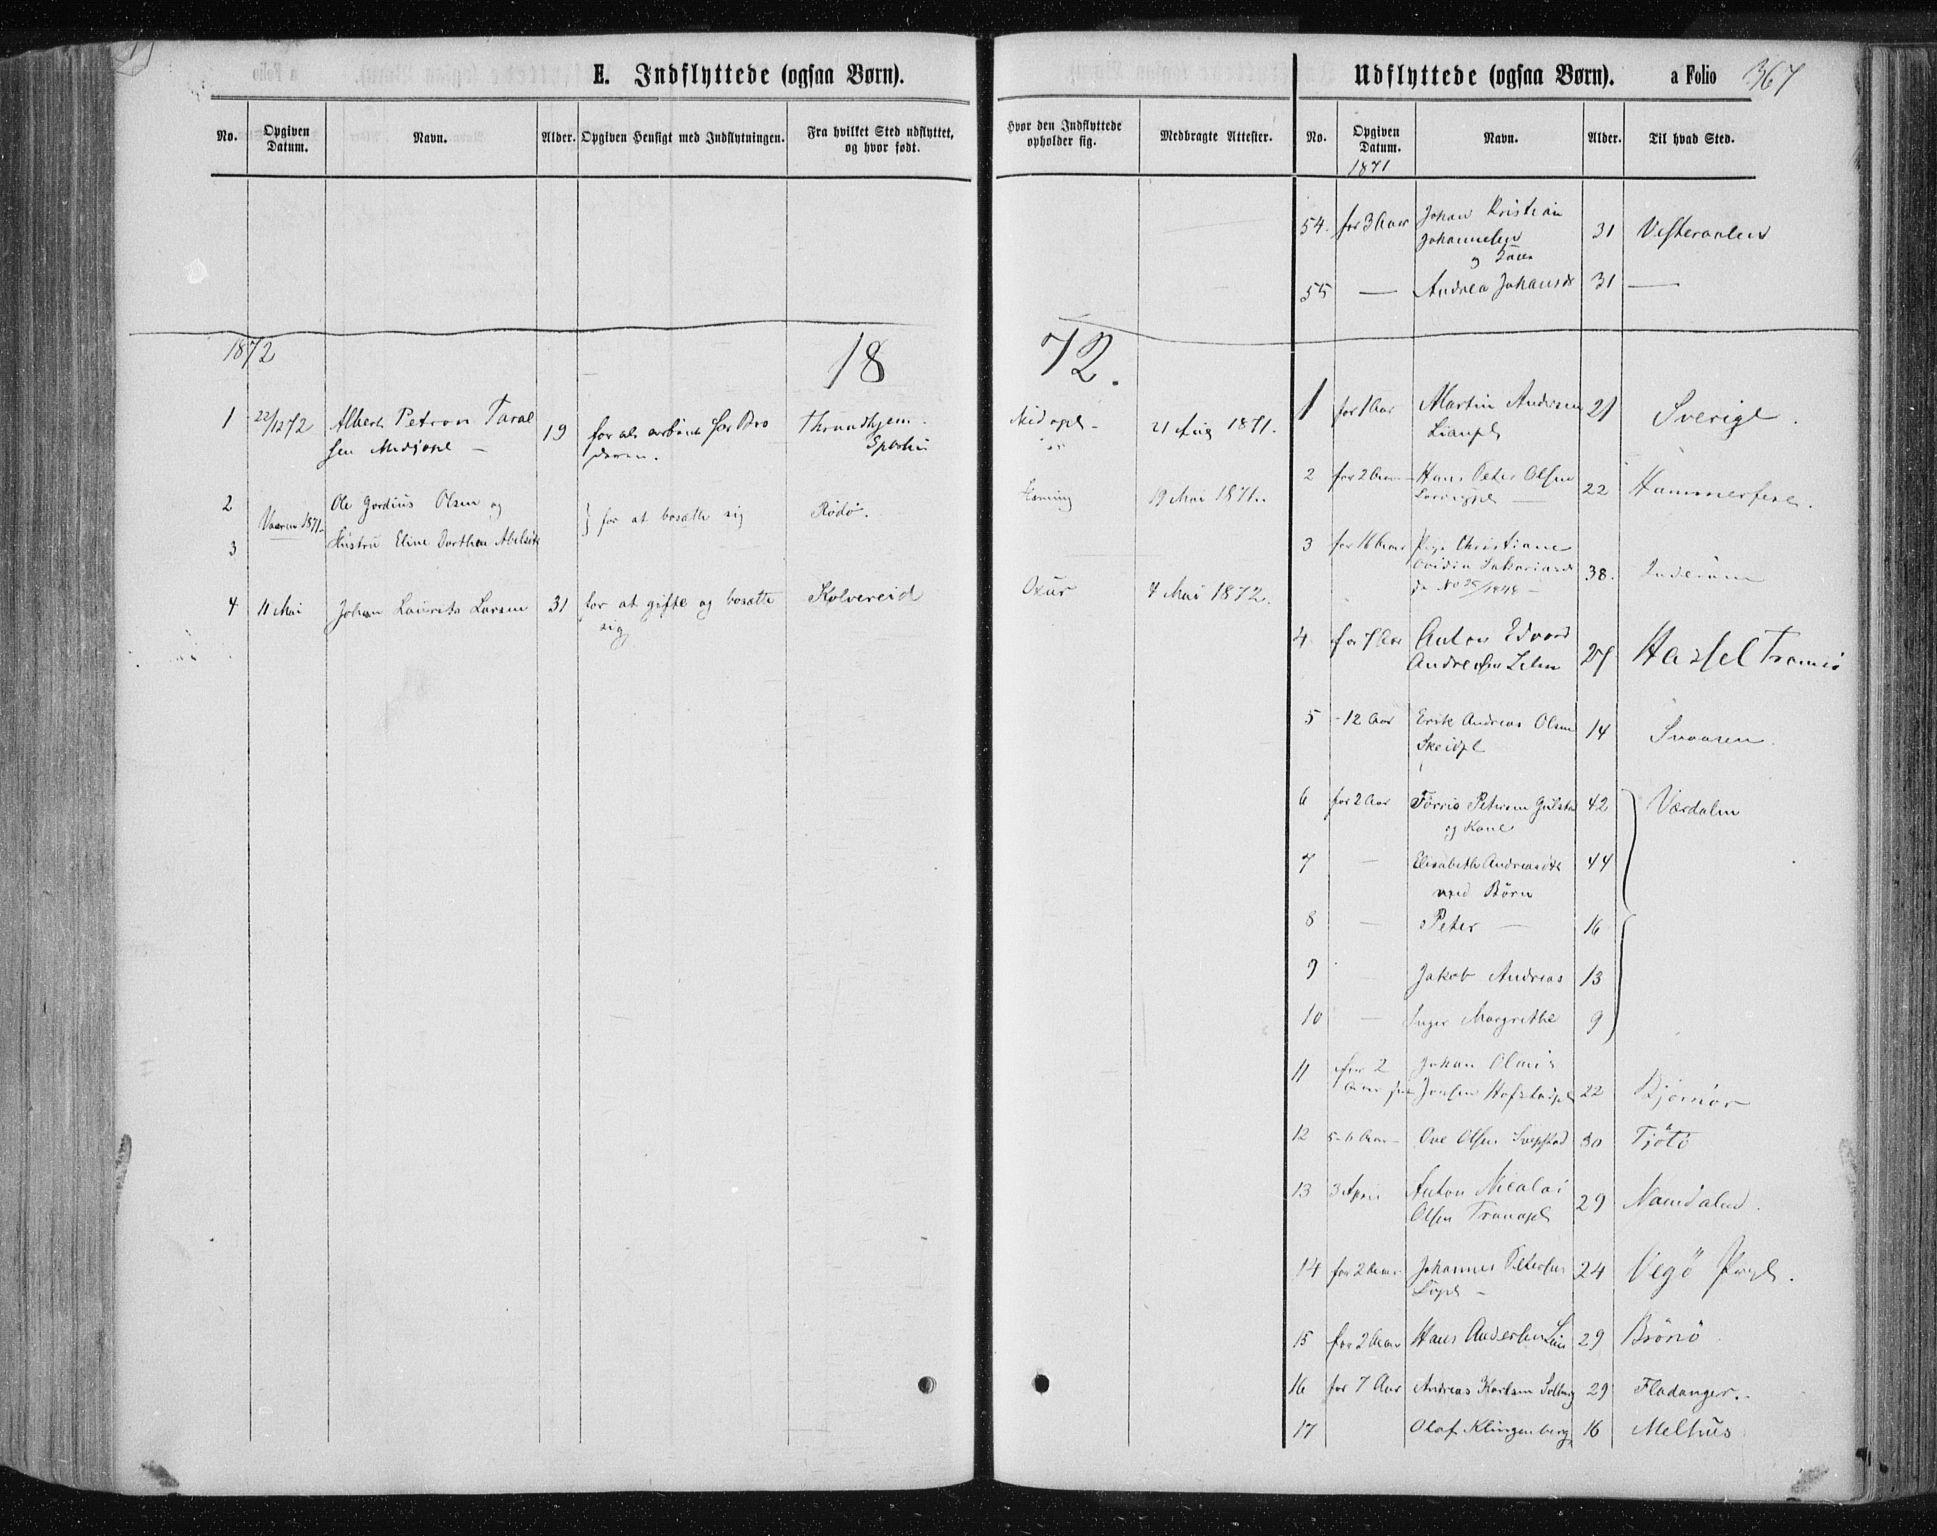 SAT, Ministerialprotokoller, klokkerbøker og fødselsregistre - Nord-Trøndelag, 735/L0345: Ministerialbok nr. 735A08 /1, 1863-1872, s. 367